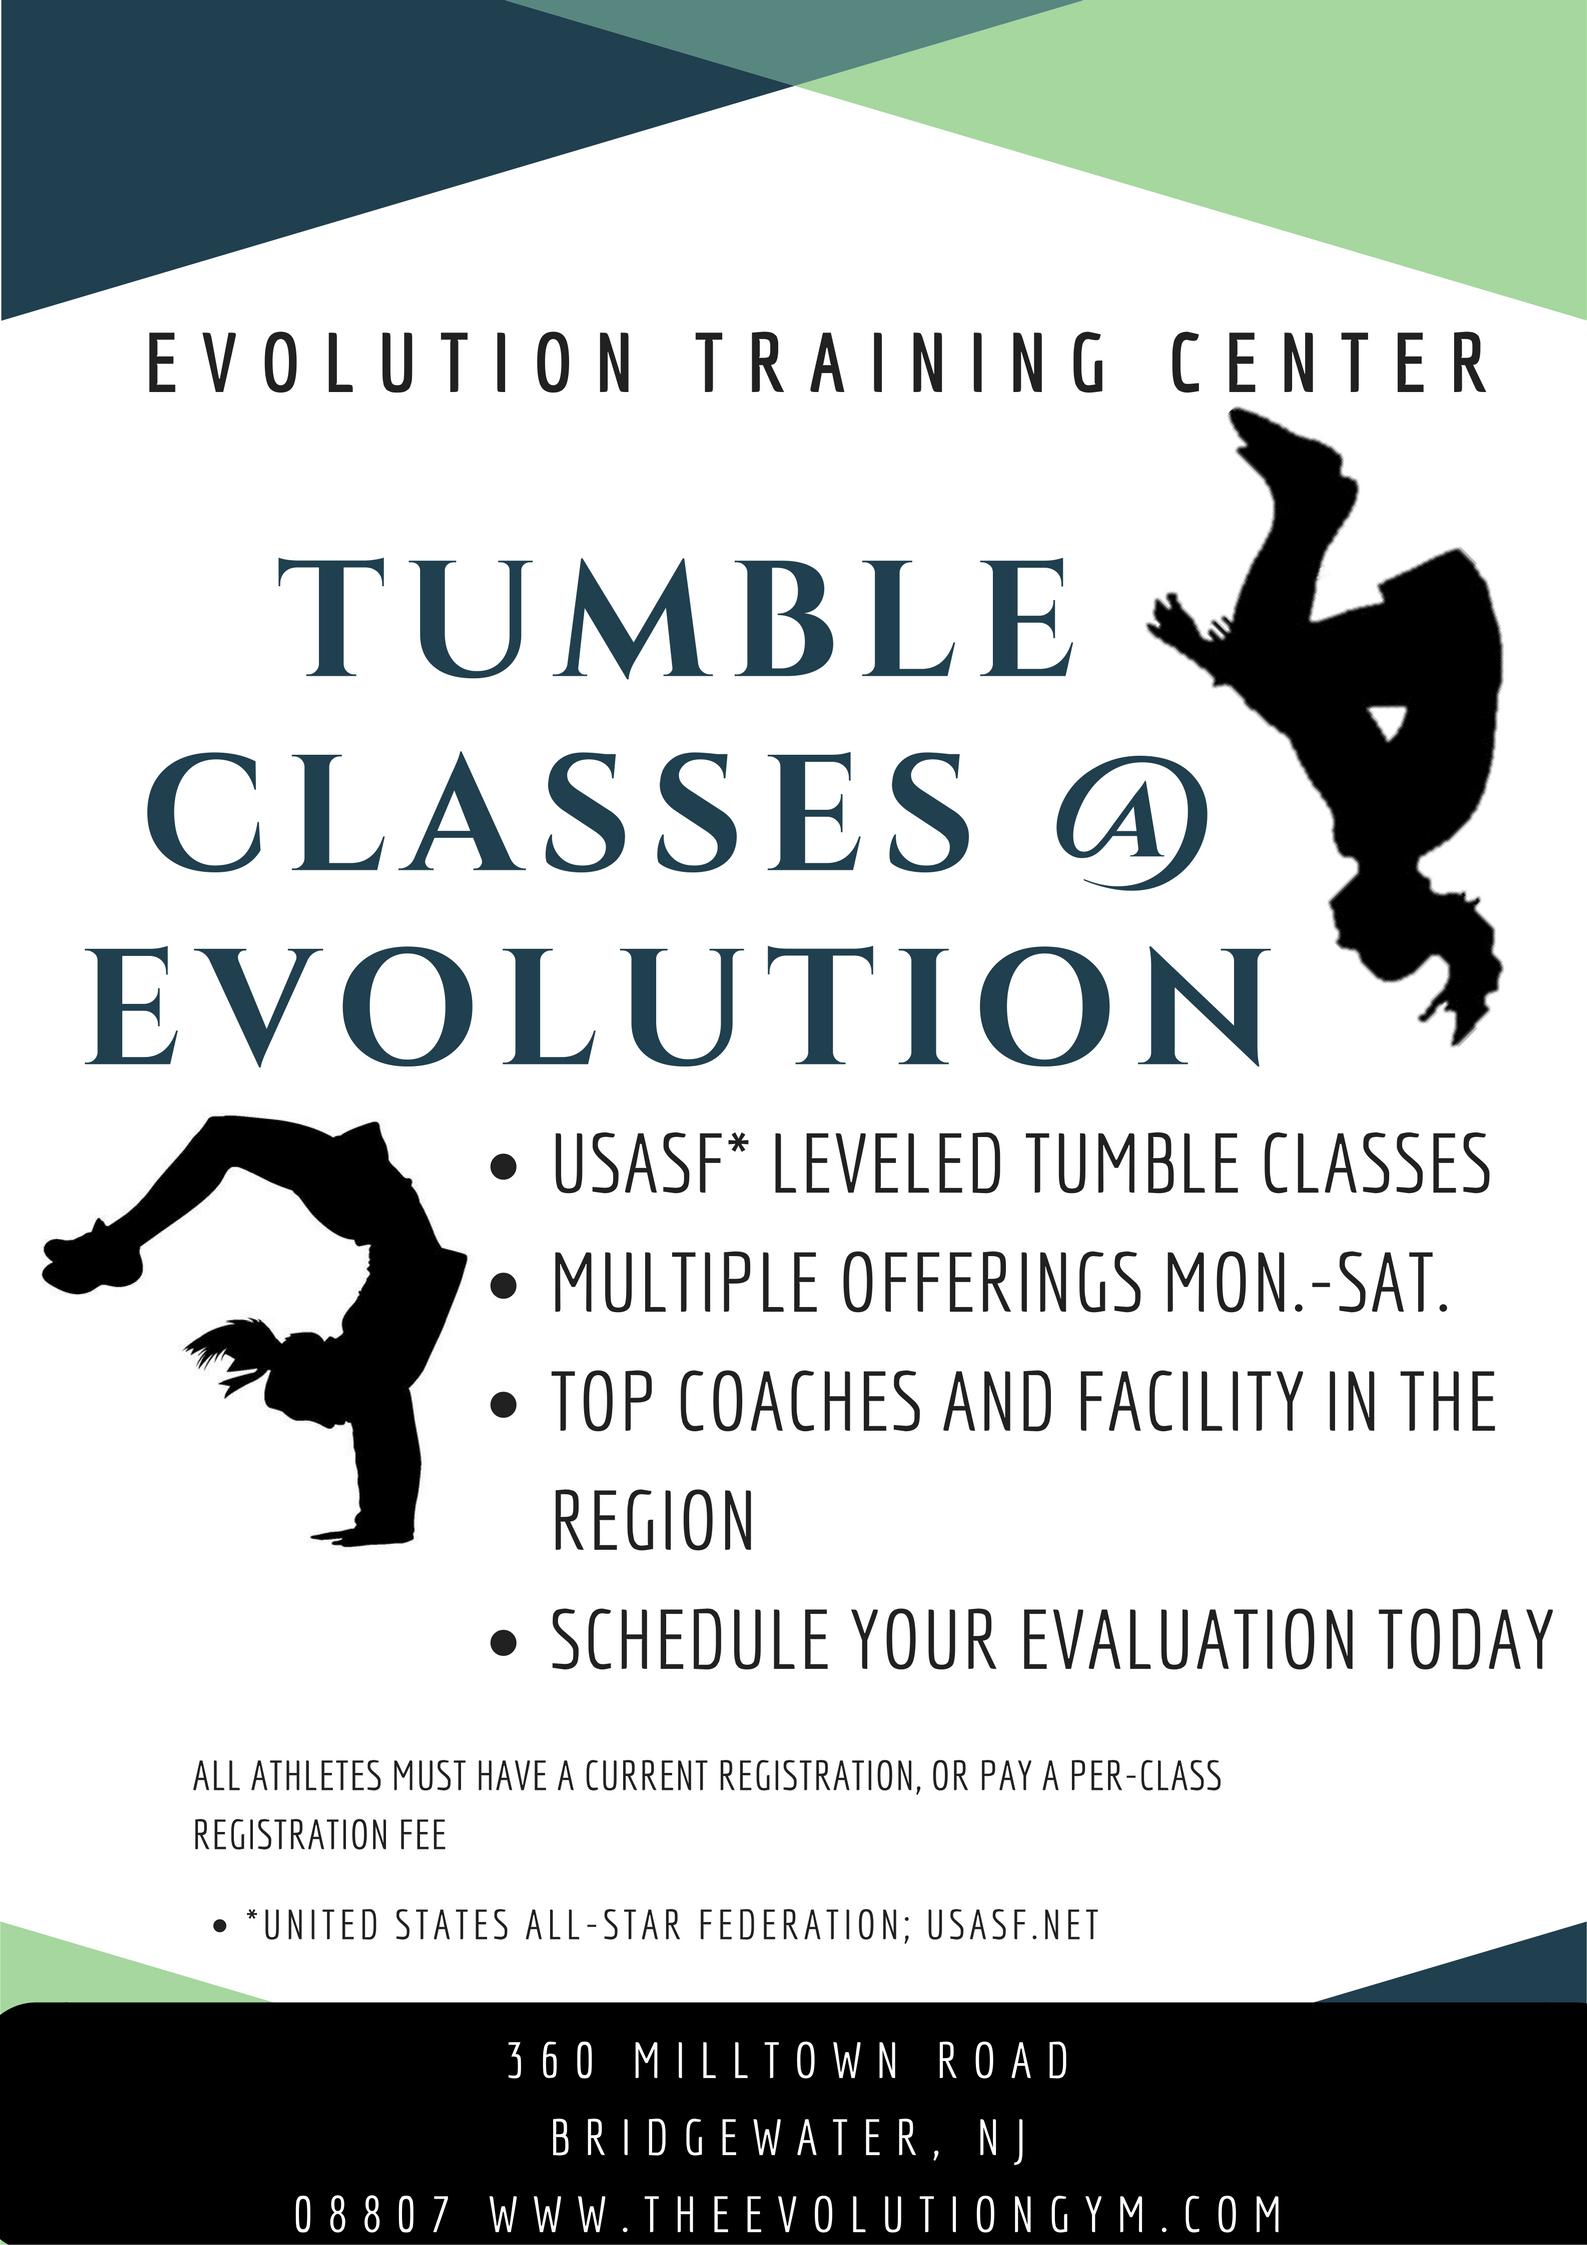 tumble classes